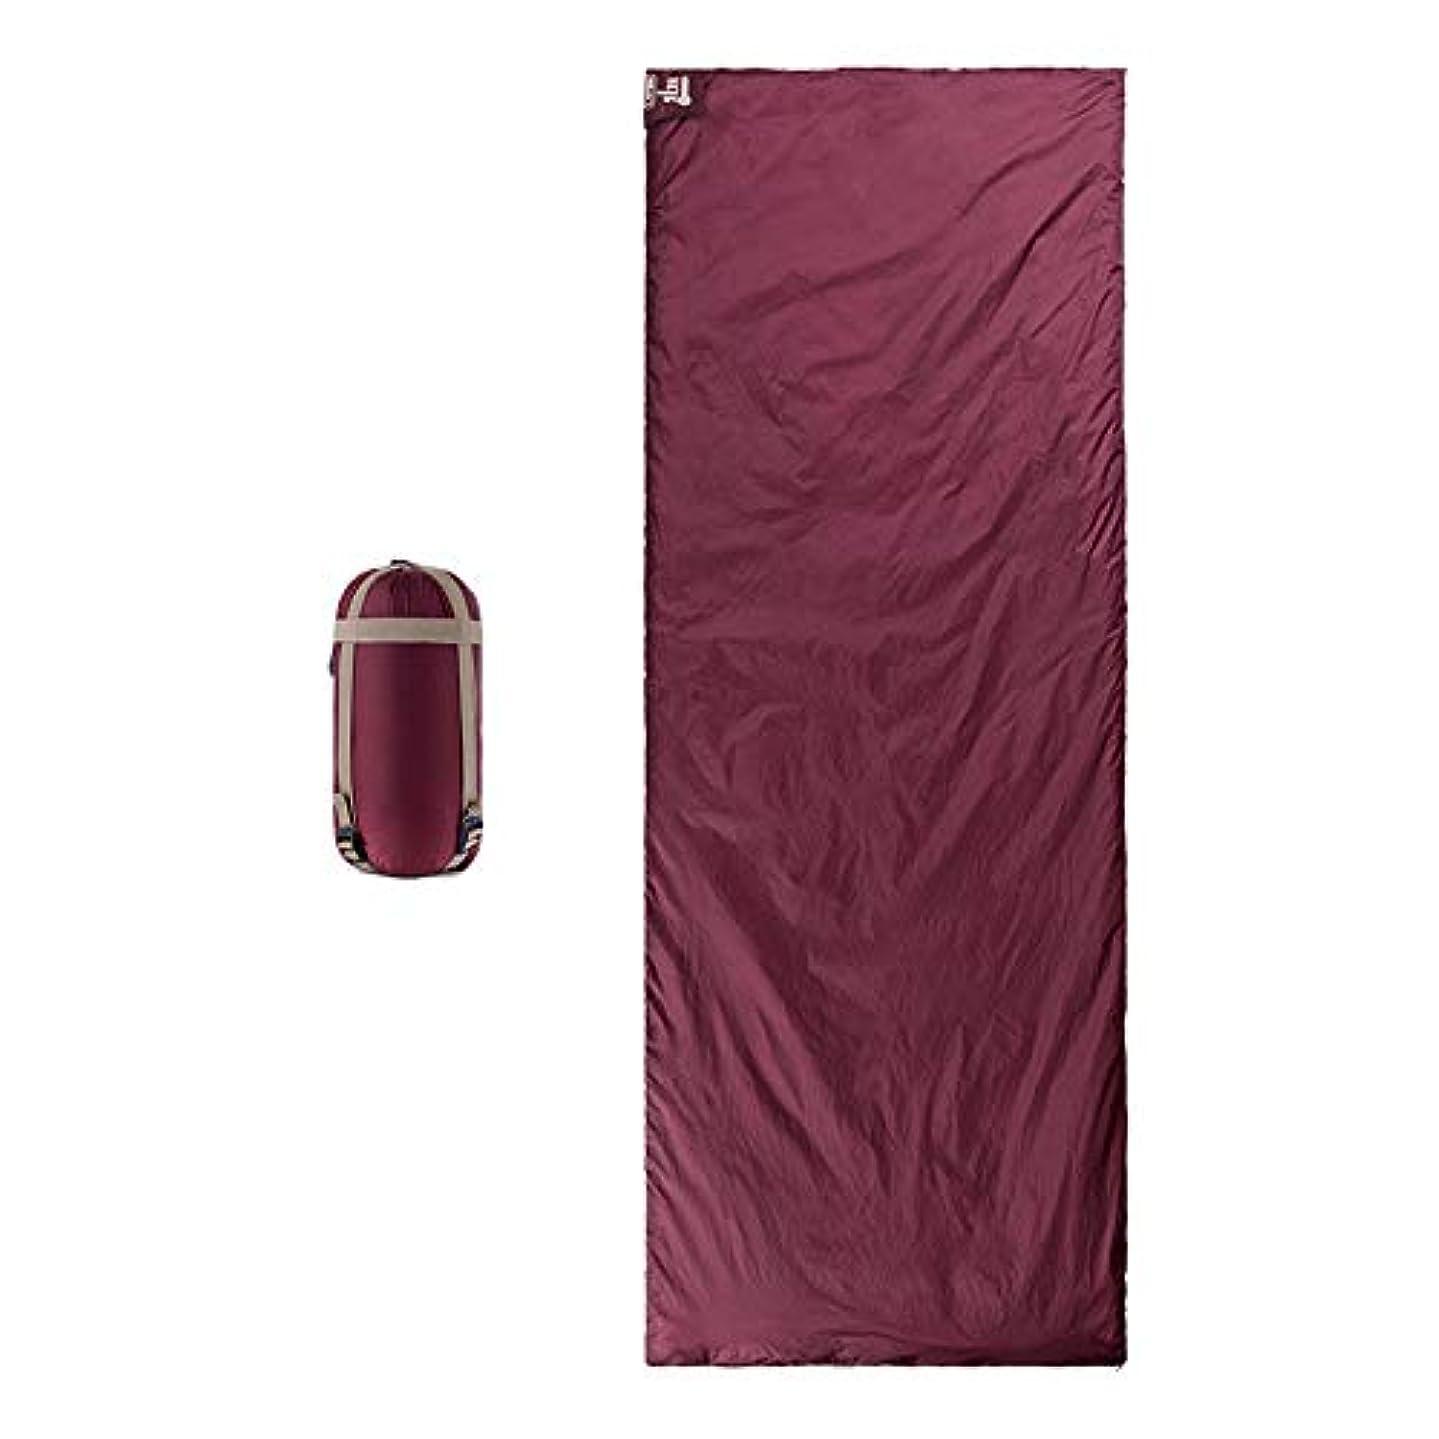 部グリップチャンピオン屋外旅行寝袋 ハイキング封筒寝袋 最低使用温度8度 多機能キャンプ用寝袋 春 夏 秋のため 連結可能 防災対策